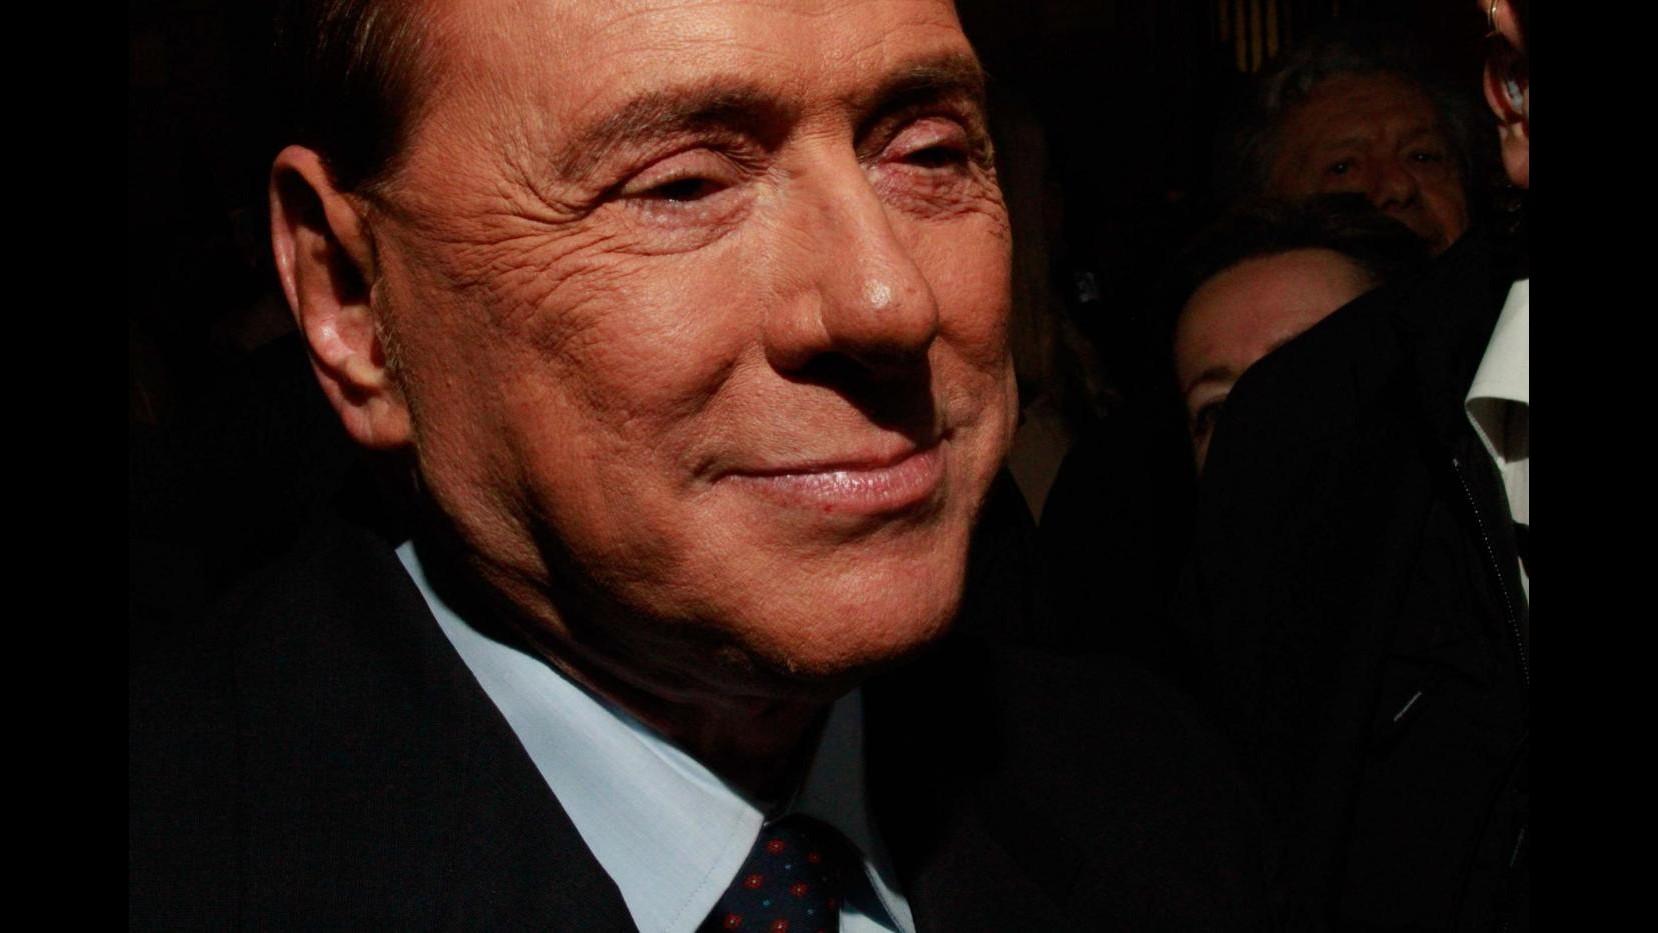 Foibe, Berlusconi: Nostro pensiero va alle vittime di questa morte atroce